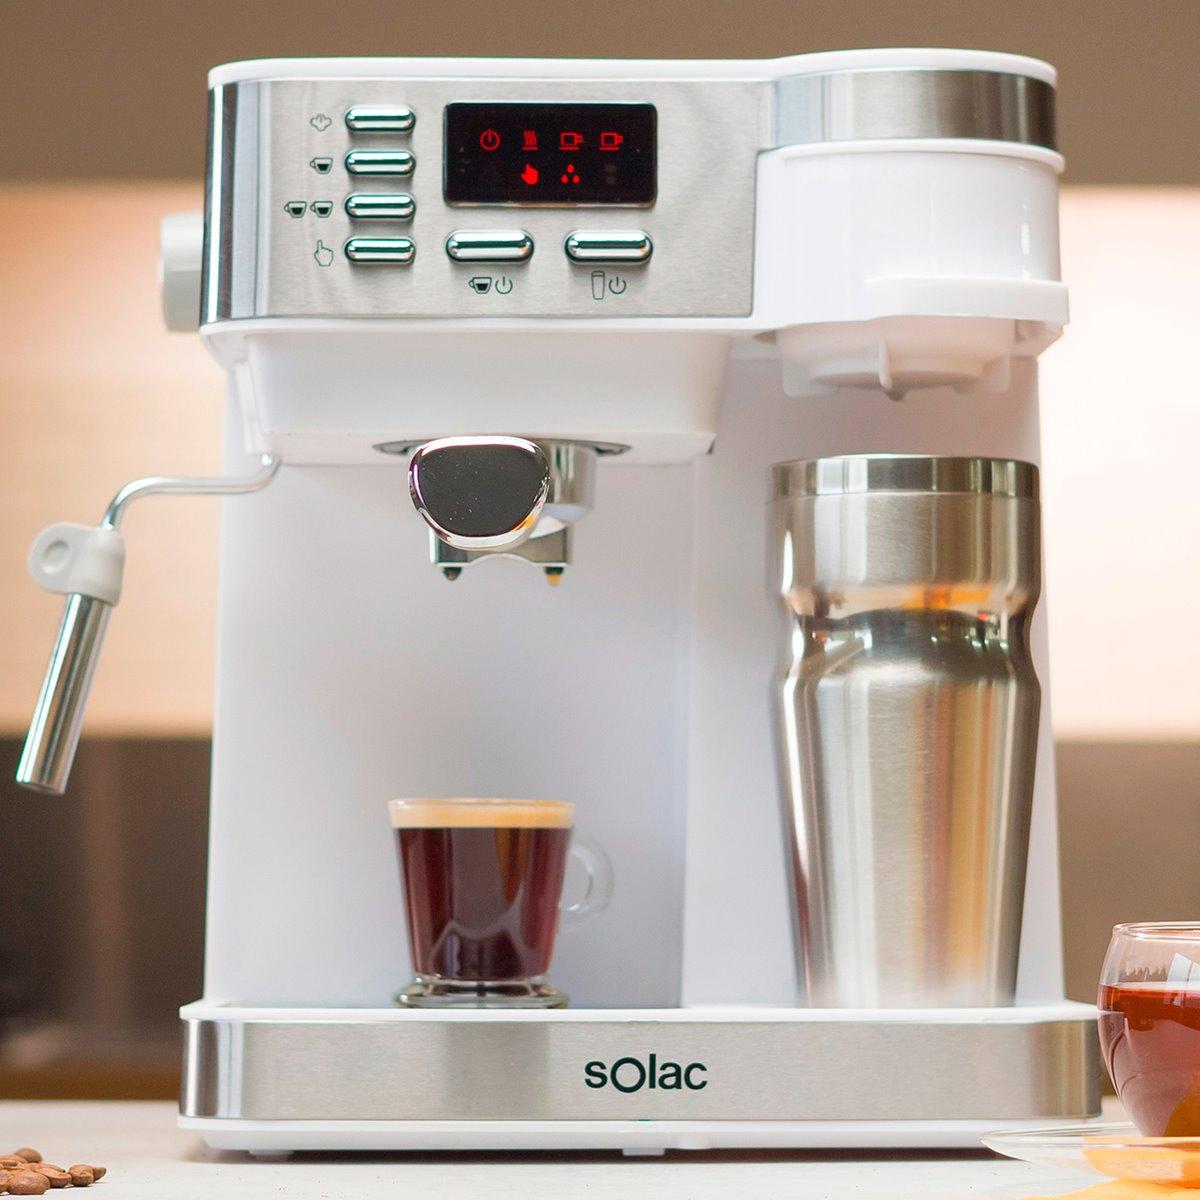 Cafetera Solac ok